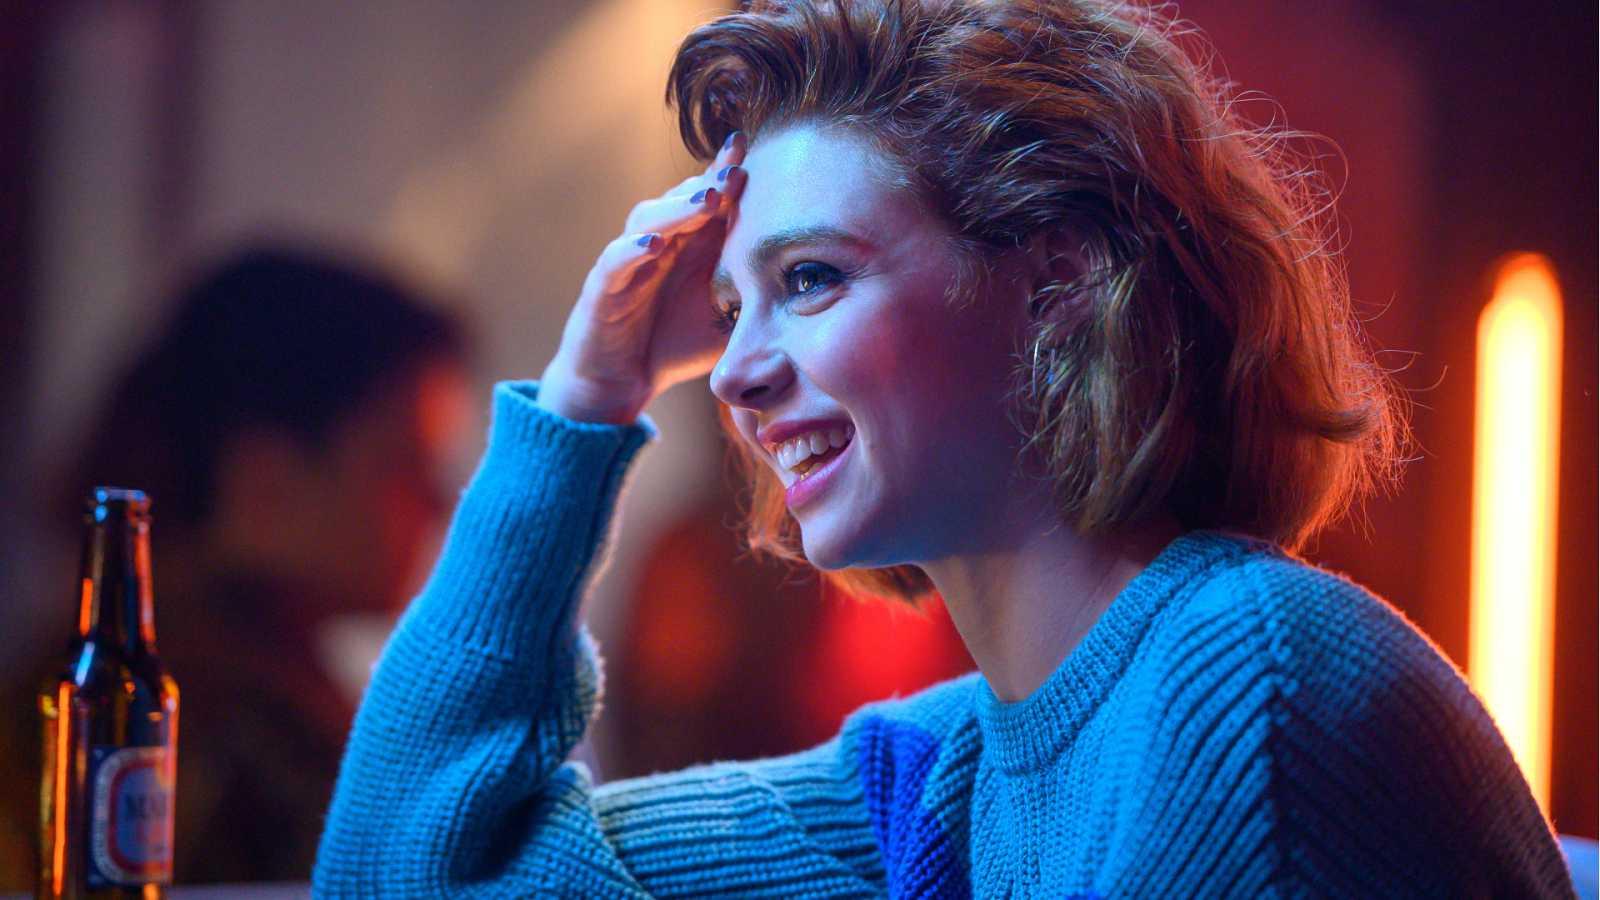 ¿Qué recuerdan los protagonistas de Cuéntame de la década de los 90?